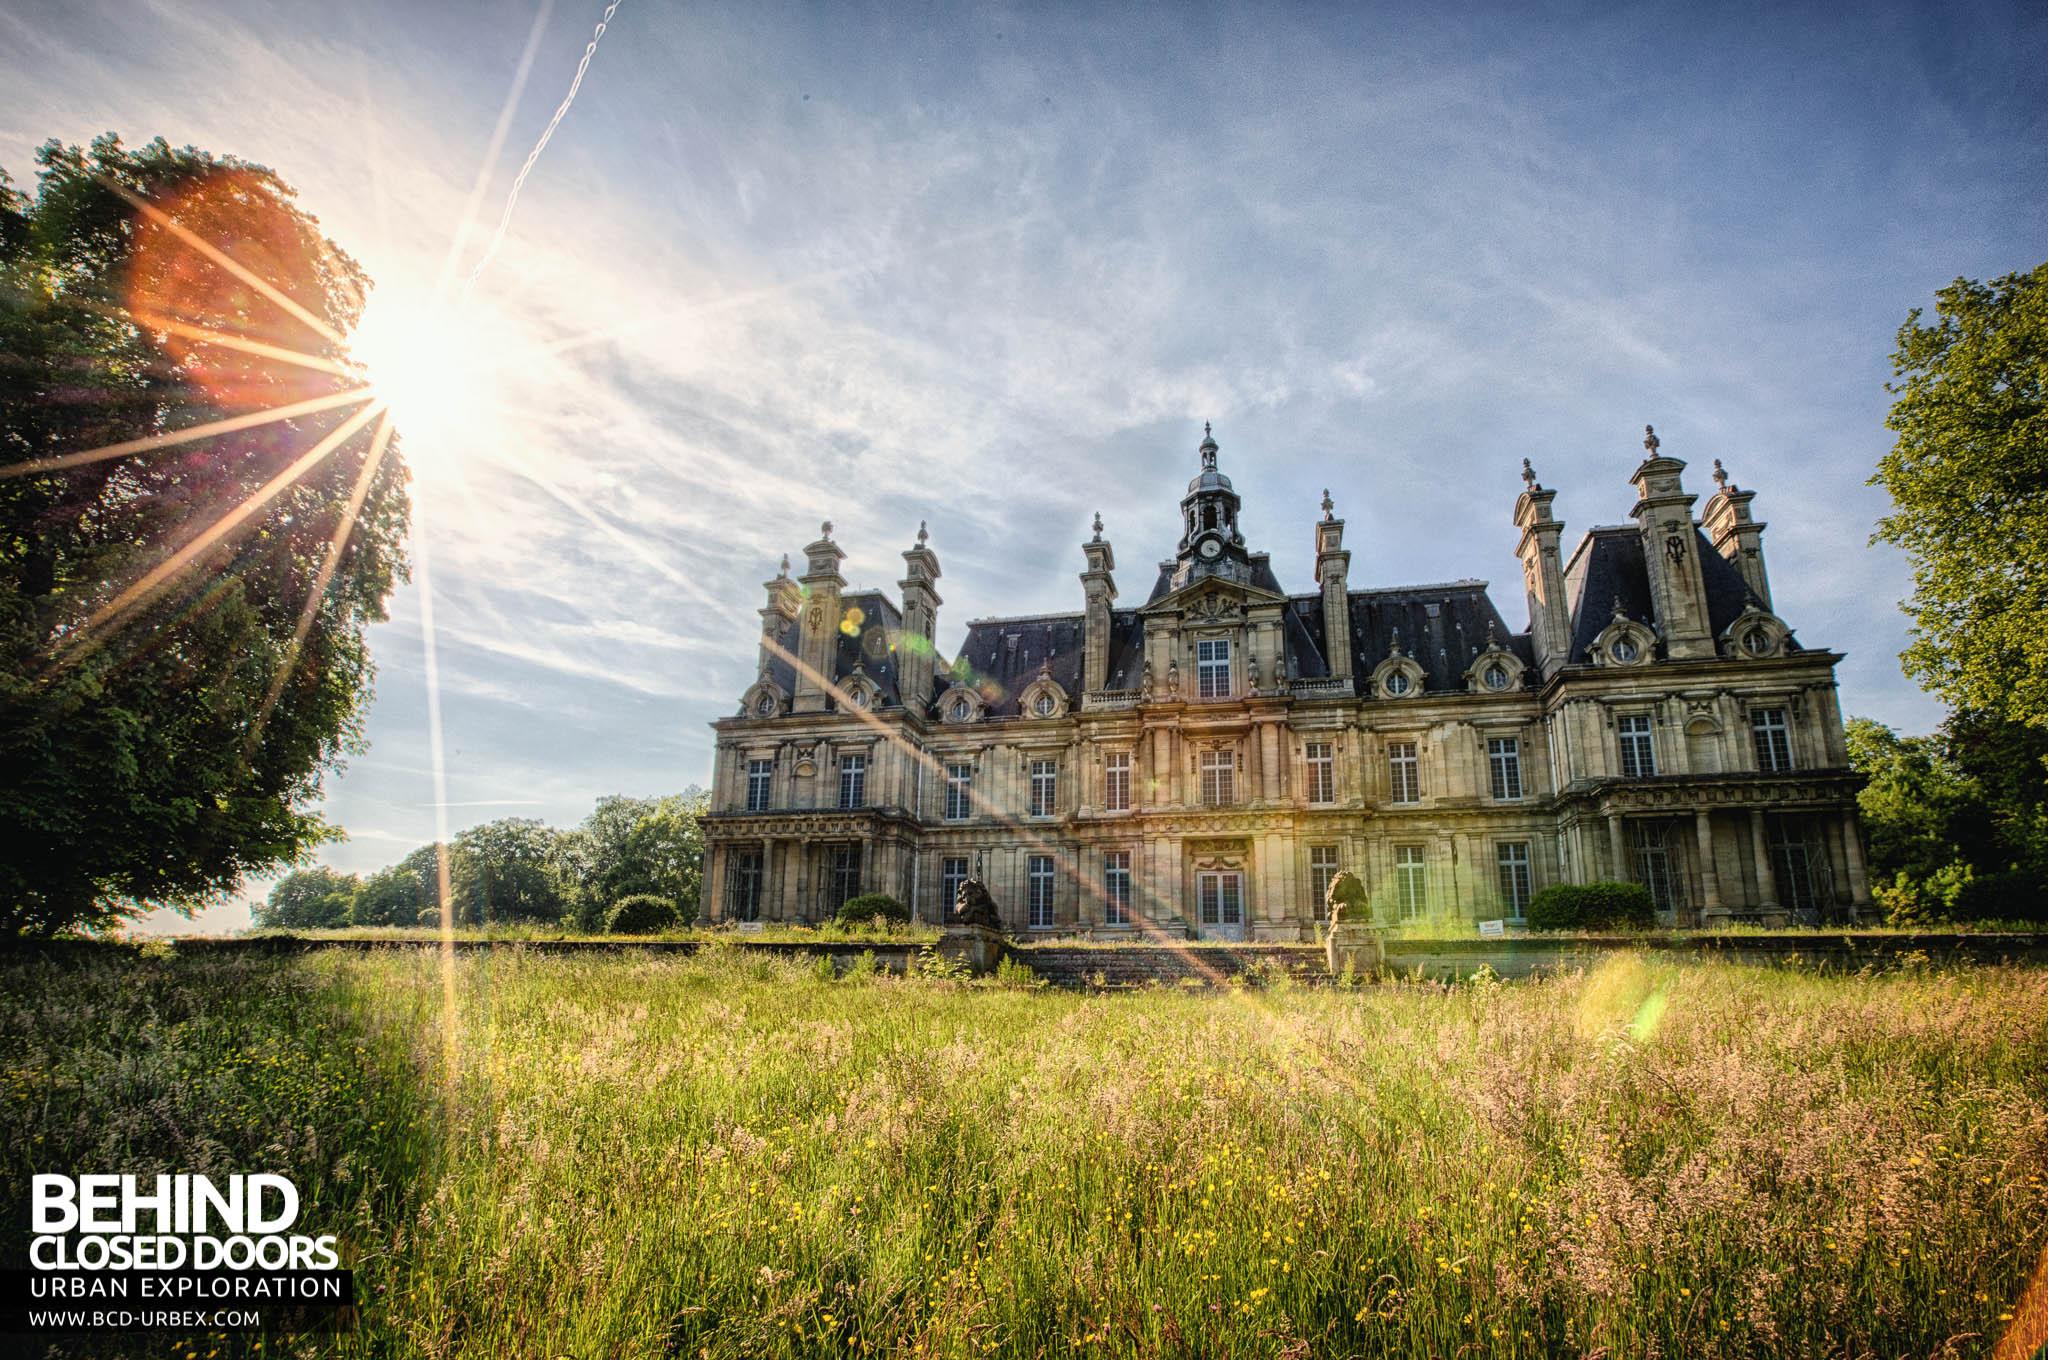 Chateau De Carnelle Sunburst And Front Of Building